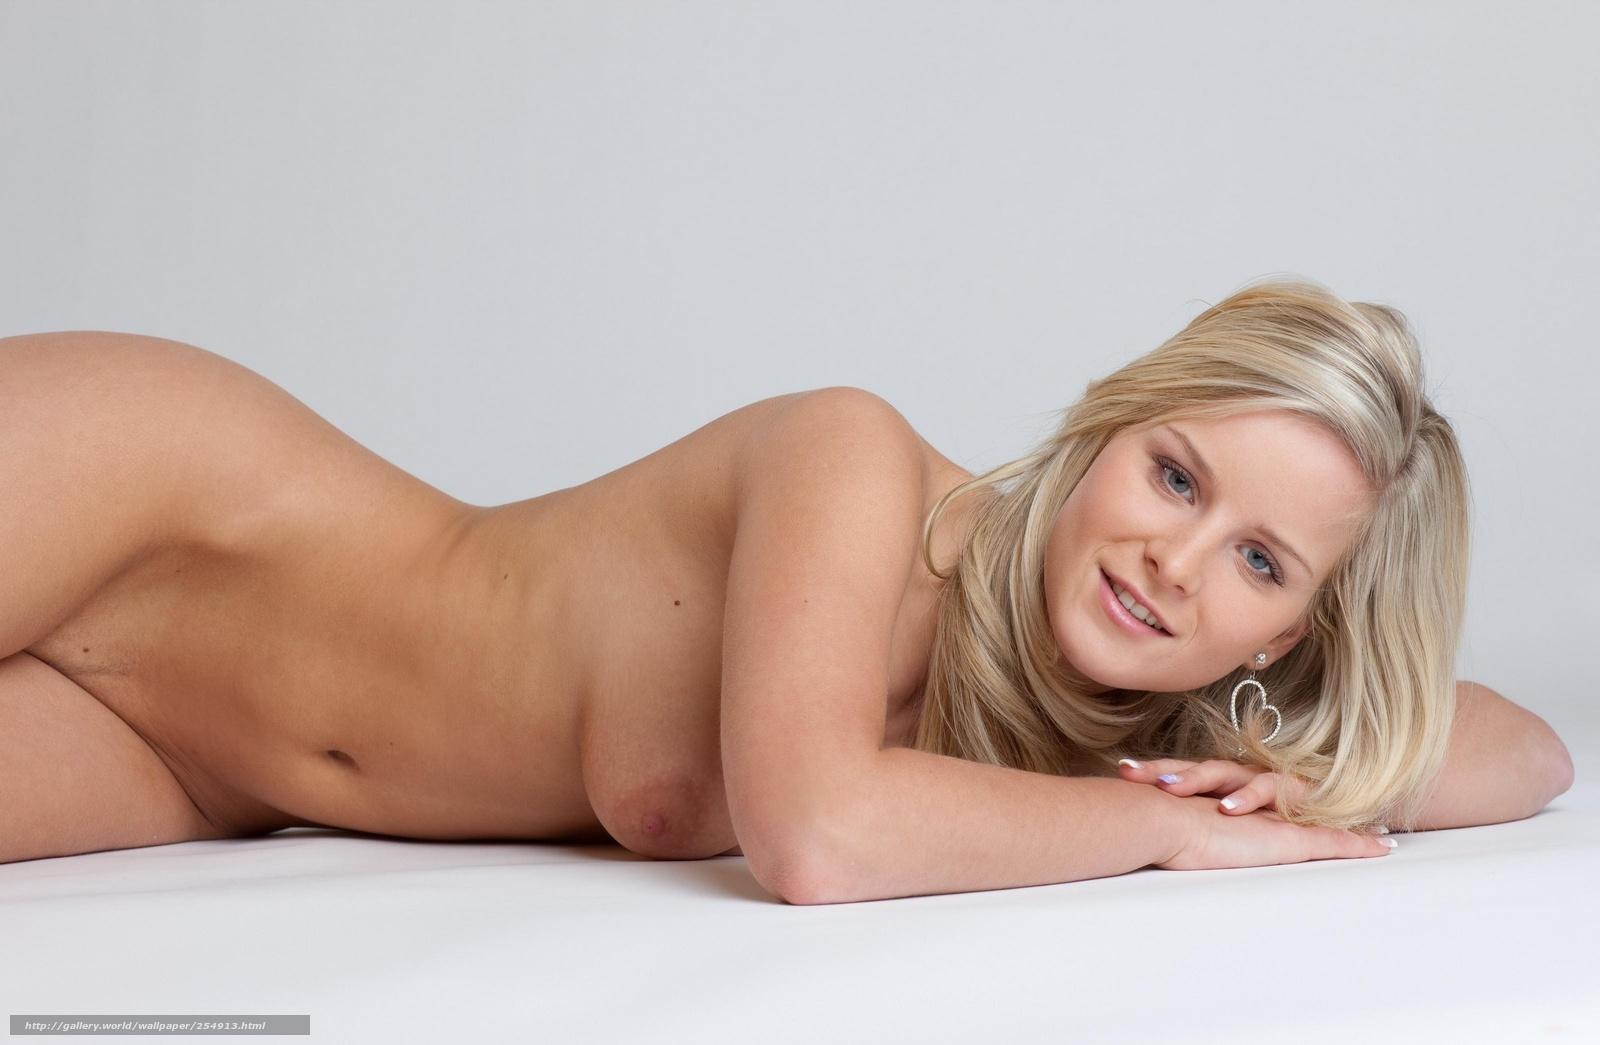 Супер фигуристые телки порно 10 фотография